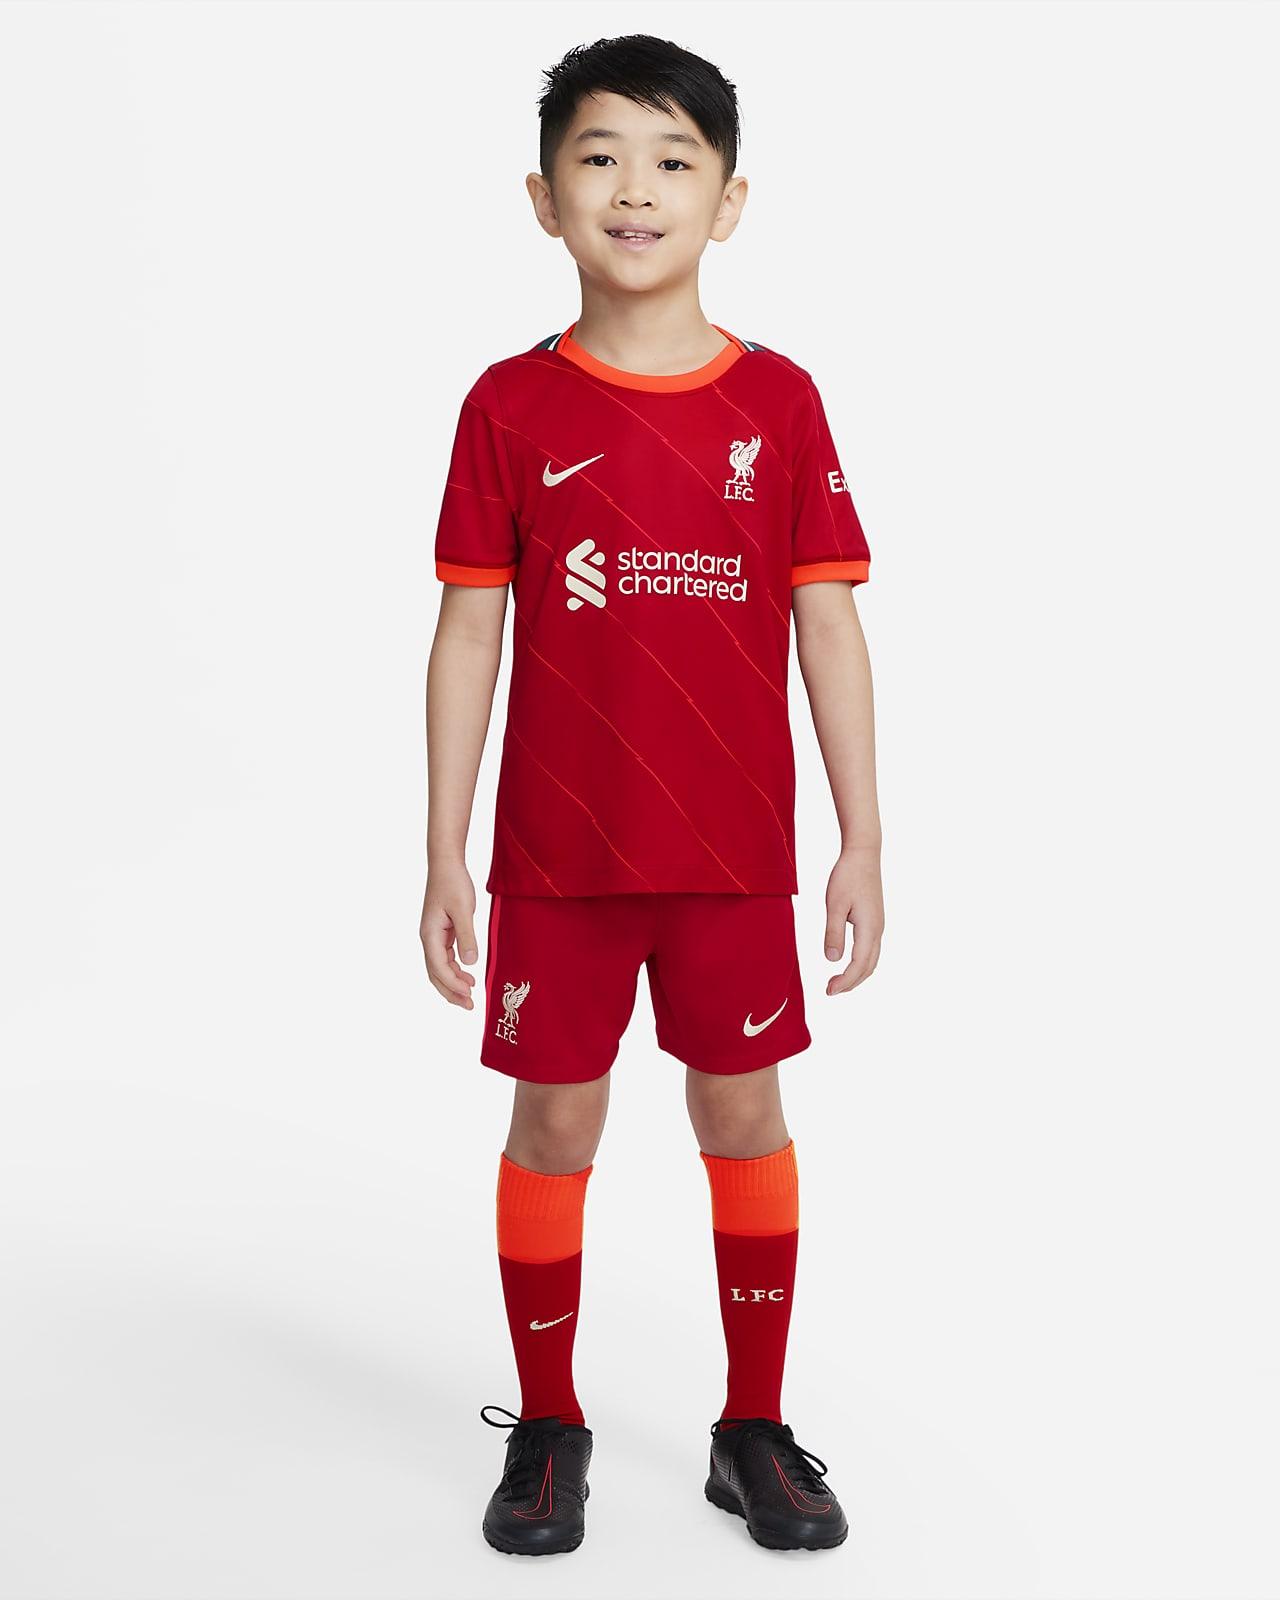 Εμφάνιση ποδοσφαίρου εντός έδρας Λίβερπουλ 2021/22 για μικρά παιδιά